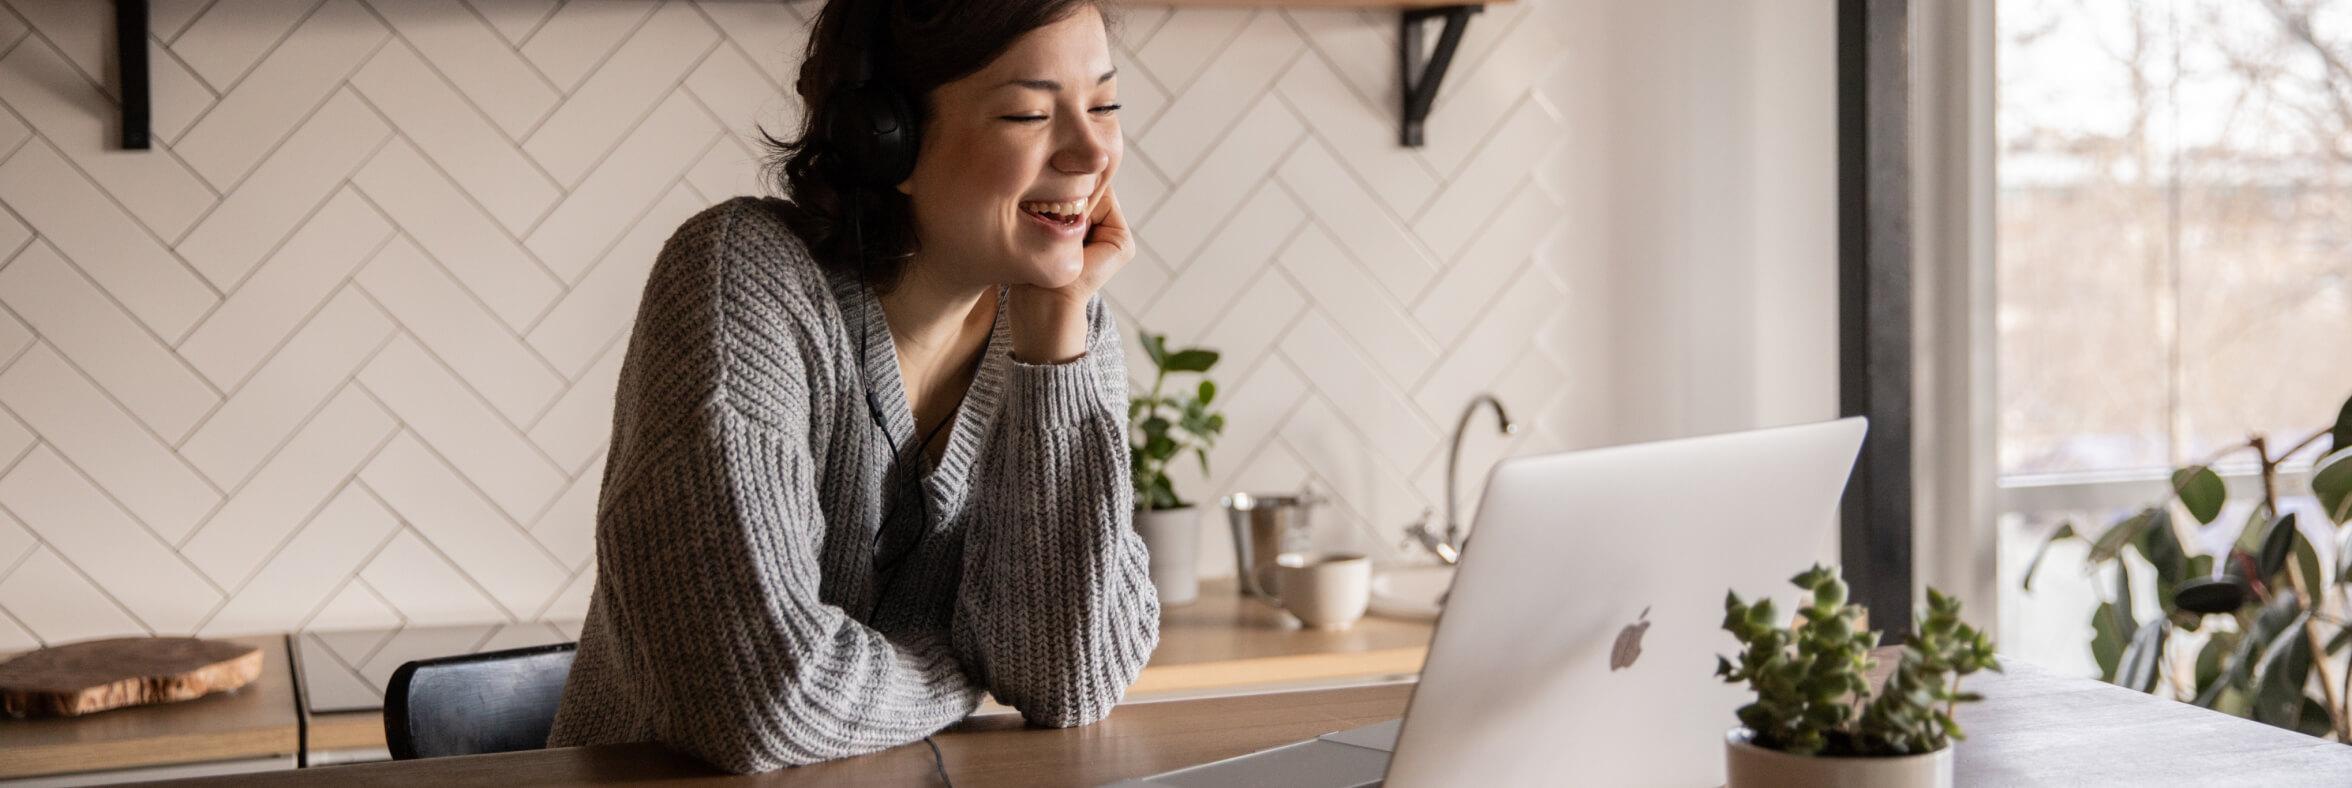 Woman laughing at computer